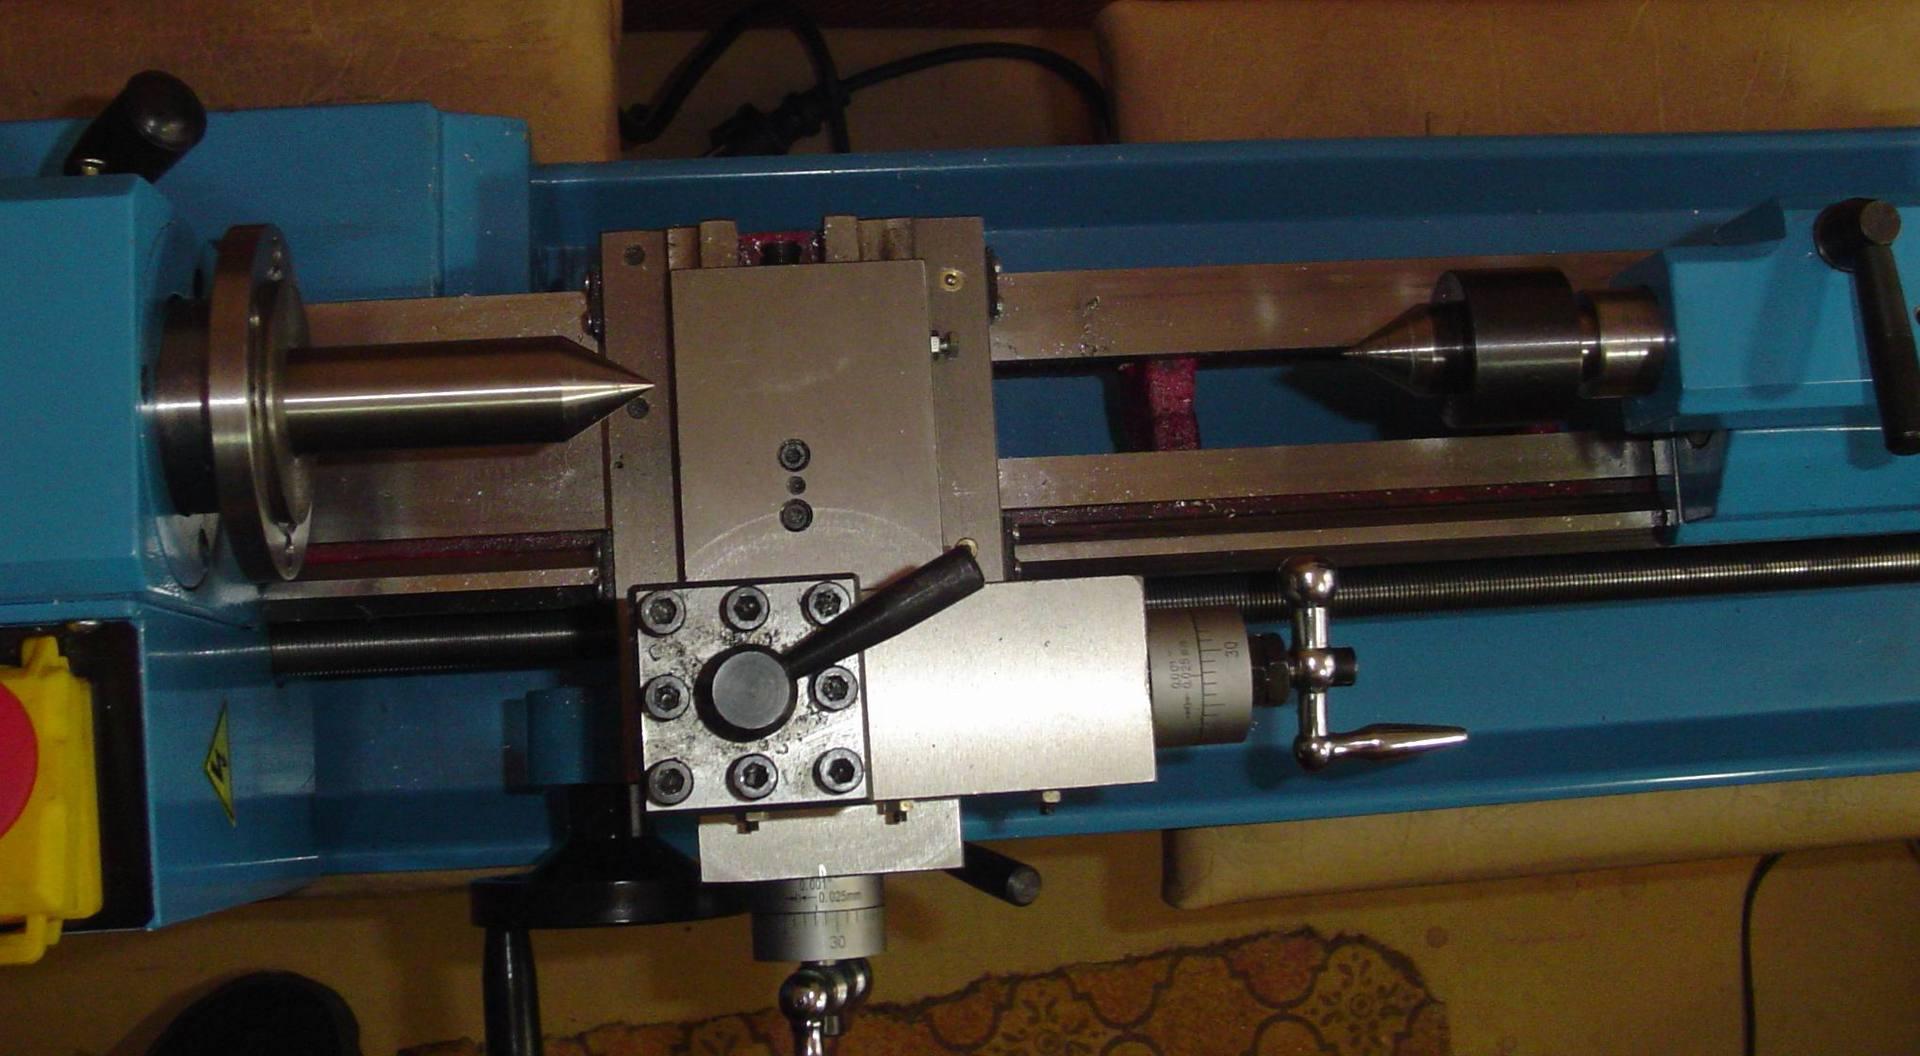 Самодельный токарный станок по металлу своими руками: изготовление и эксплуатация – советы по ремонту